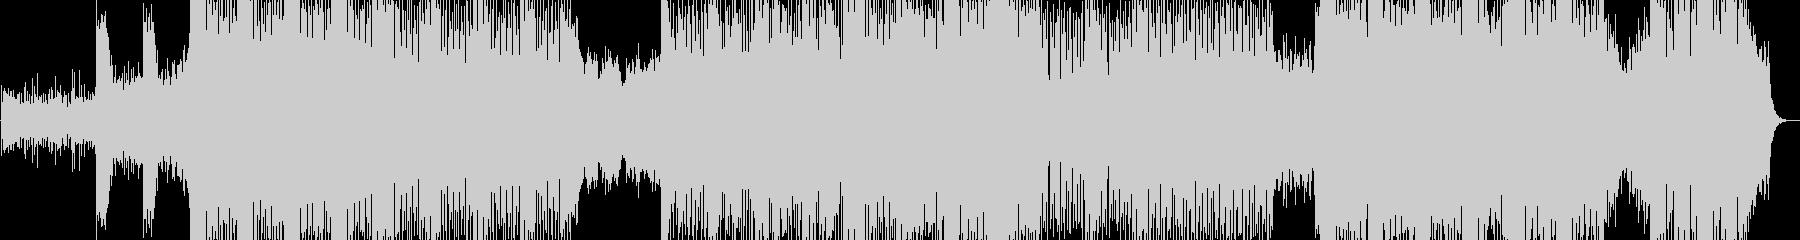 パワフル・疾走感・ダーク系BGMの未再生の波形